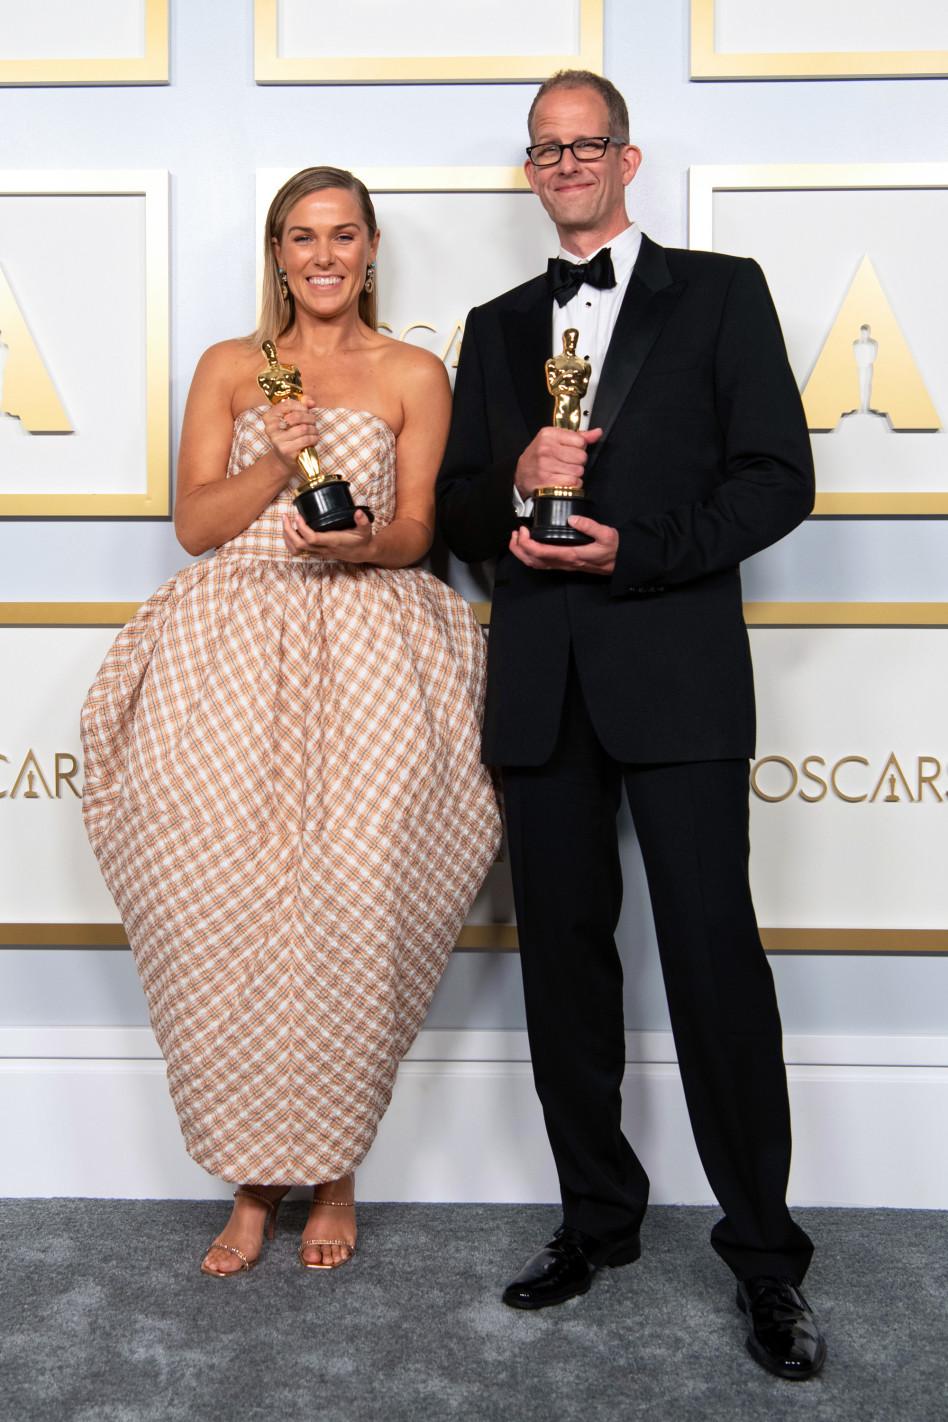 דנה מאריי ופיט דוקטר זכו בפרס האנימציה לסרט נשמה (צילום: Getty Images / Handout)